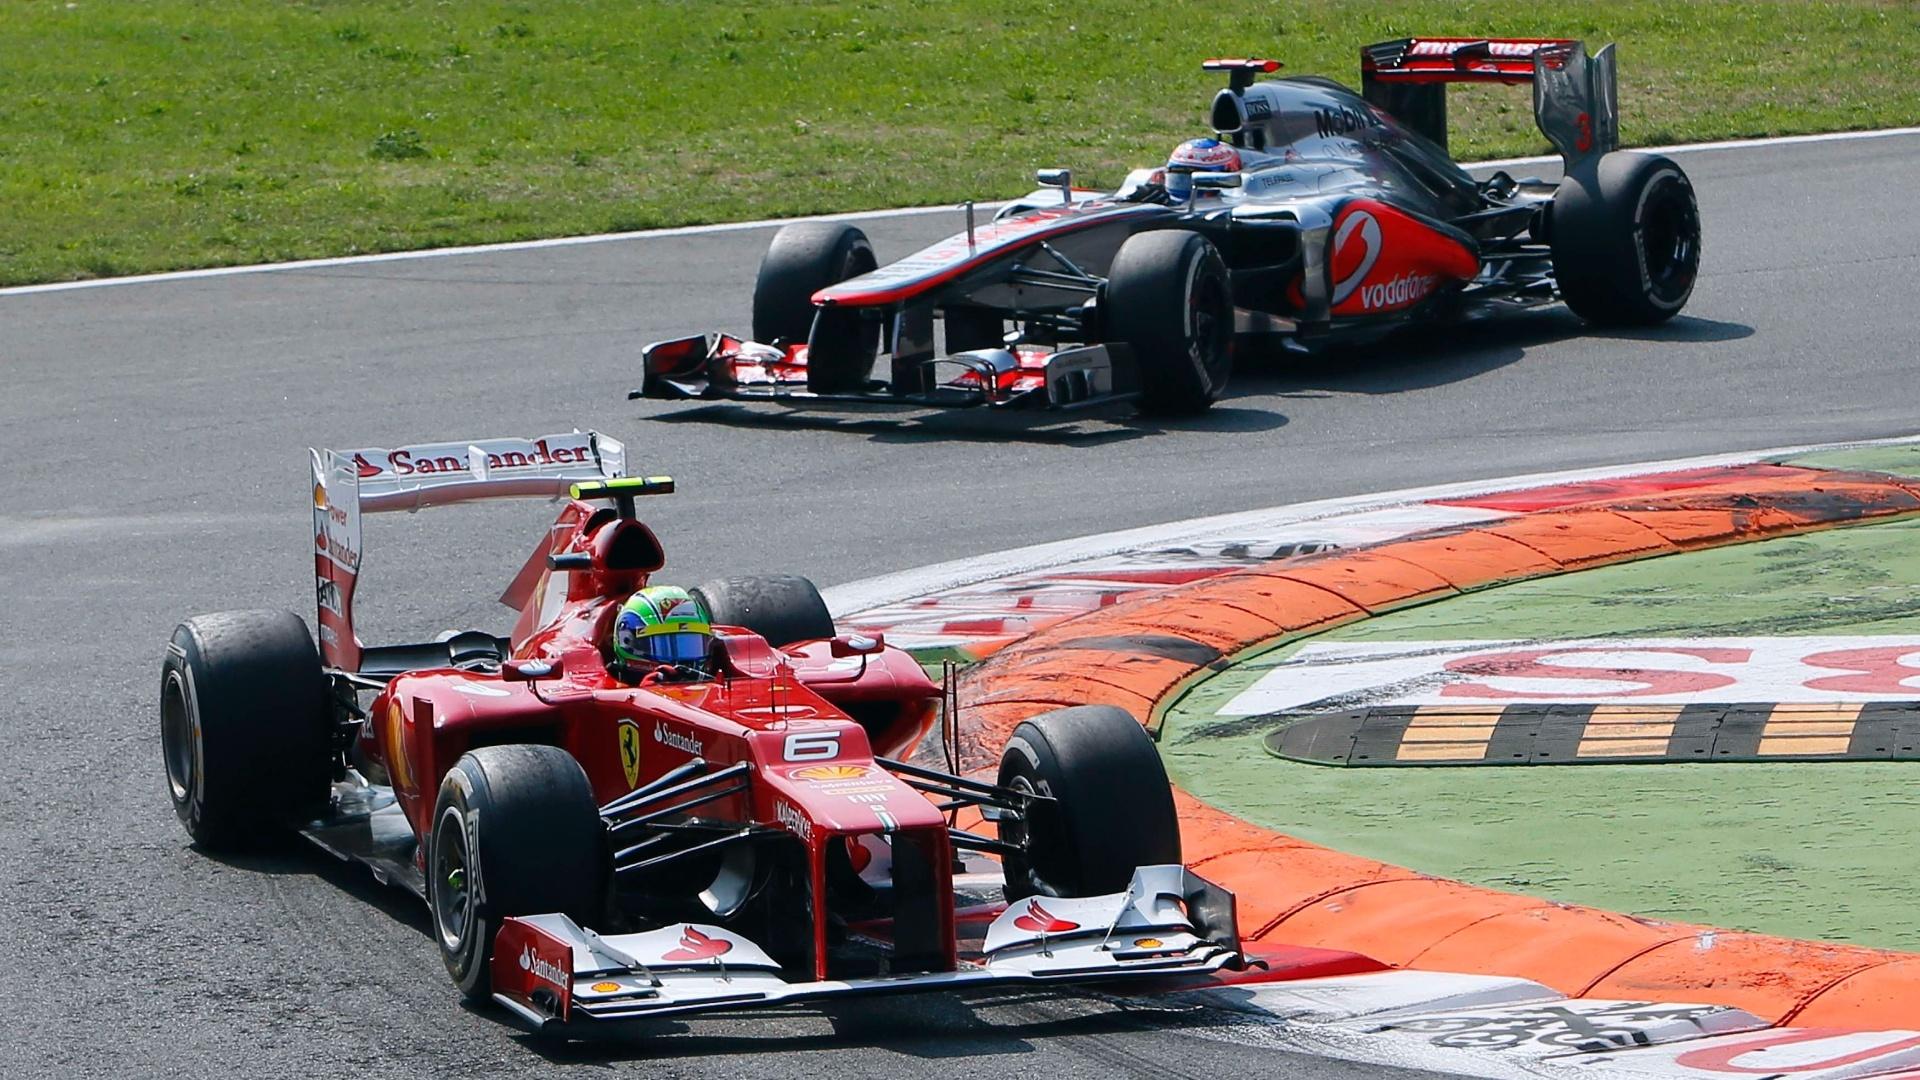 Felipe Massa defende posição em duelo contra Jenson Button no GP da Itália (09/09/12)